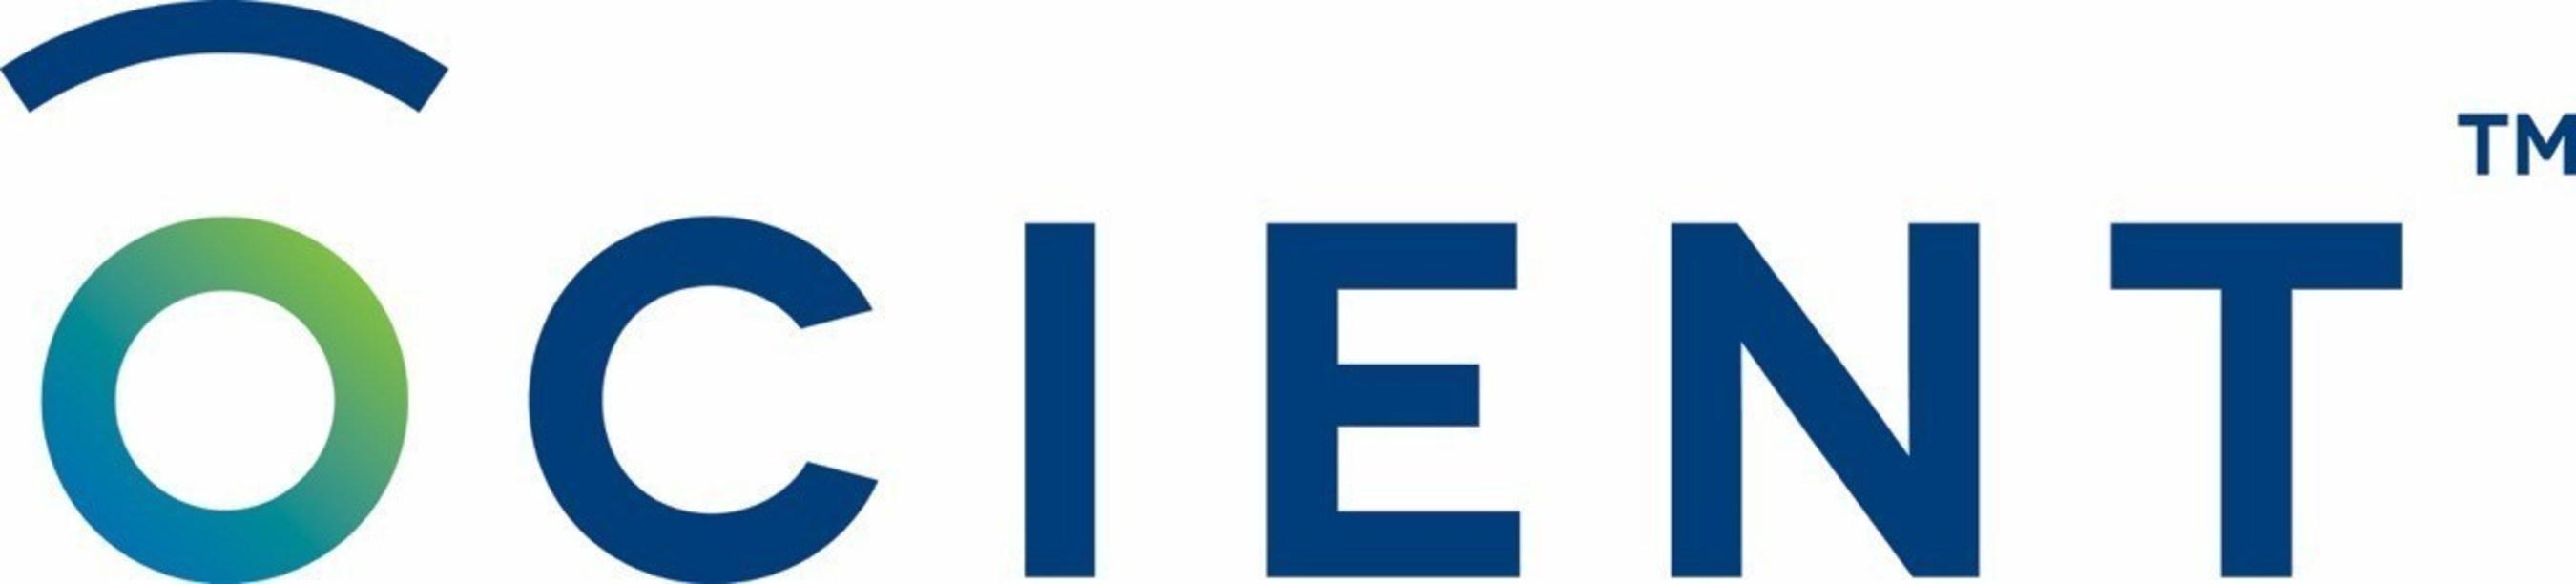 Ocient Logo